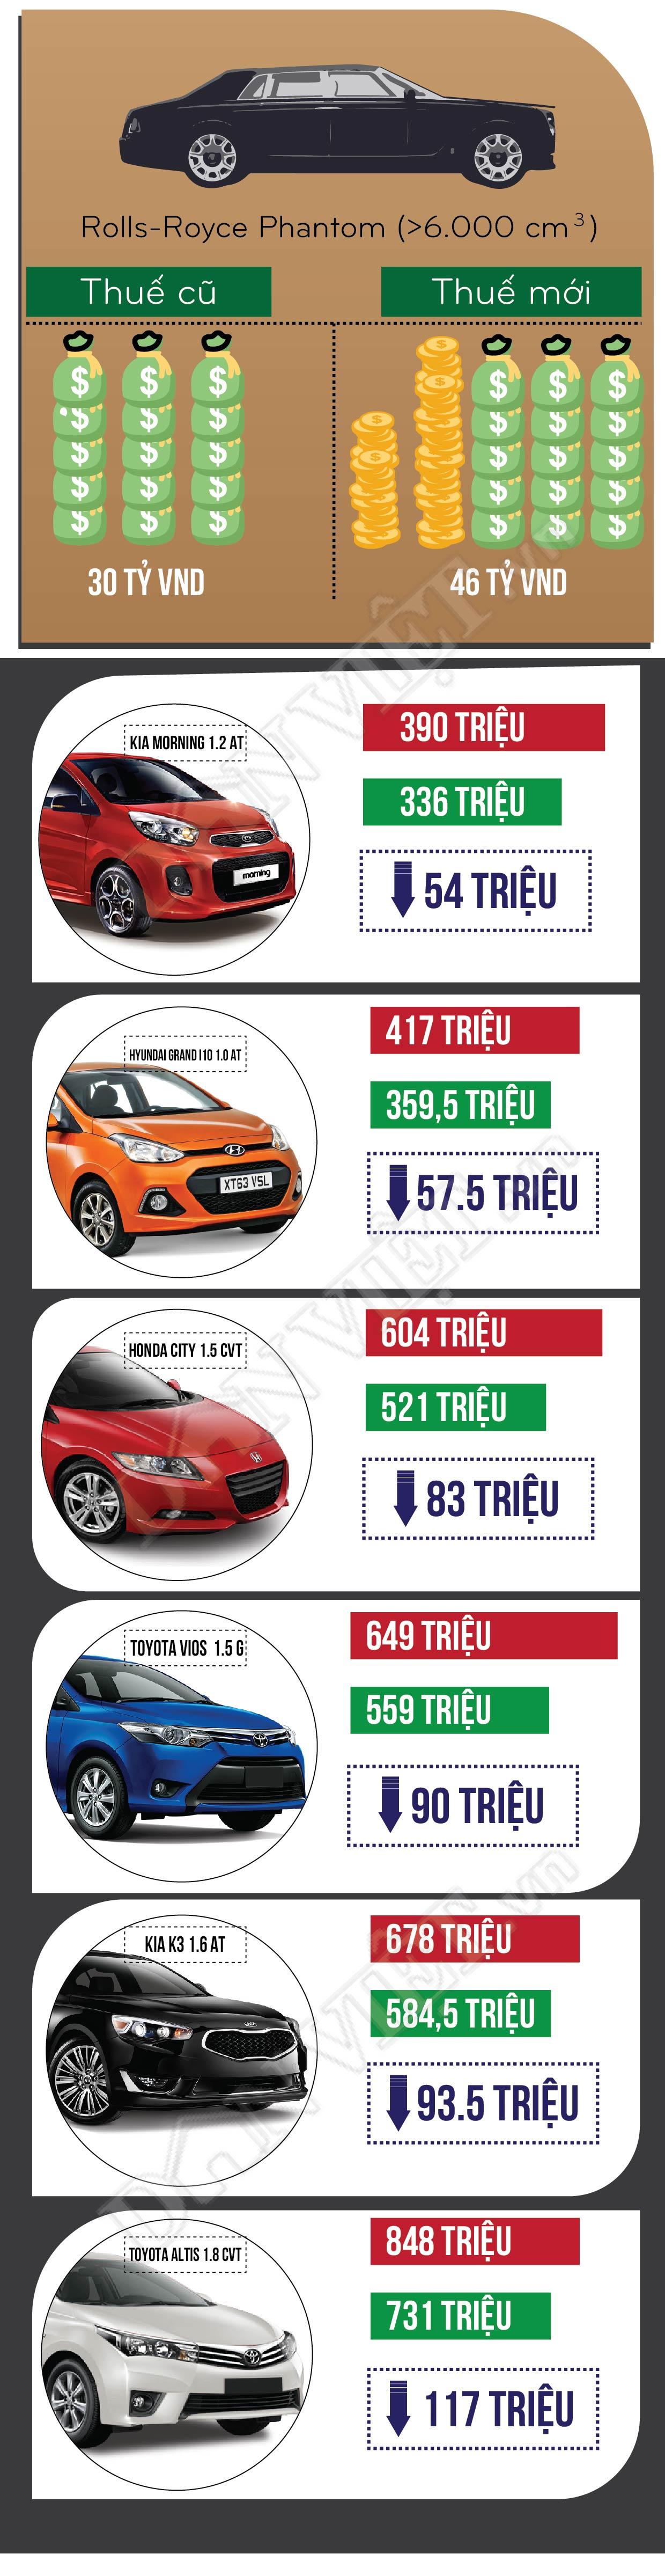 [Infographic] Giảm thuế xe ô tô, mua xe nào rẻ nhất? - 2